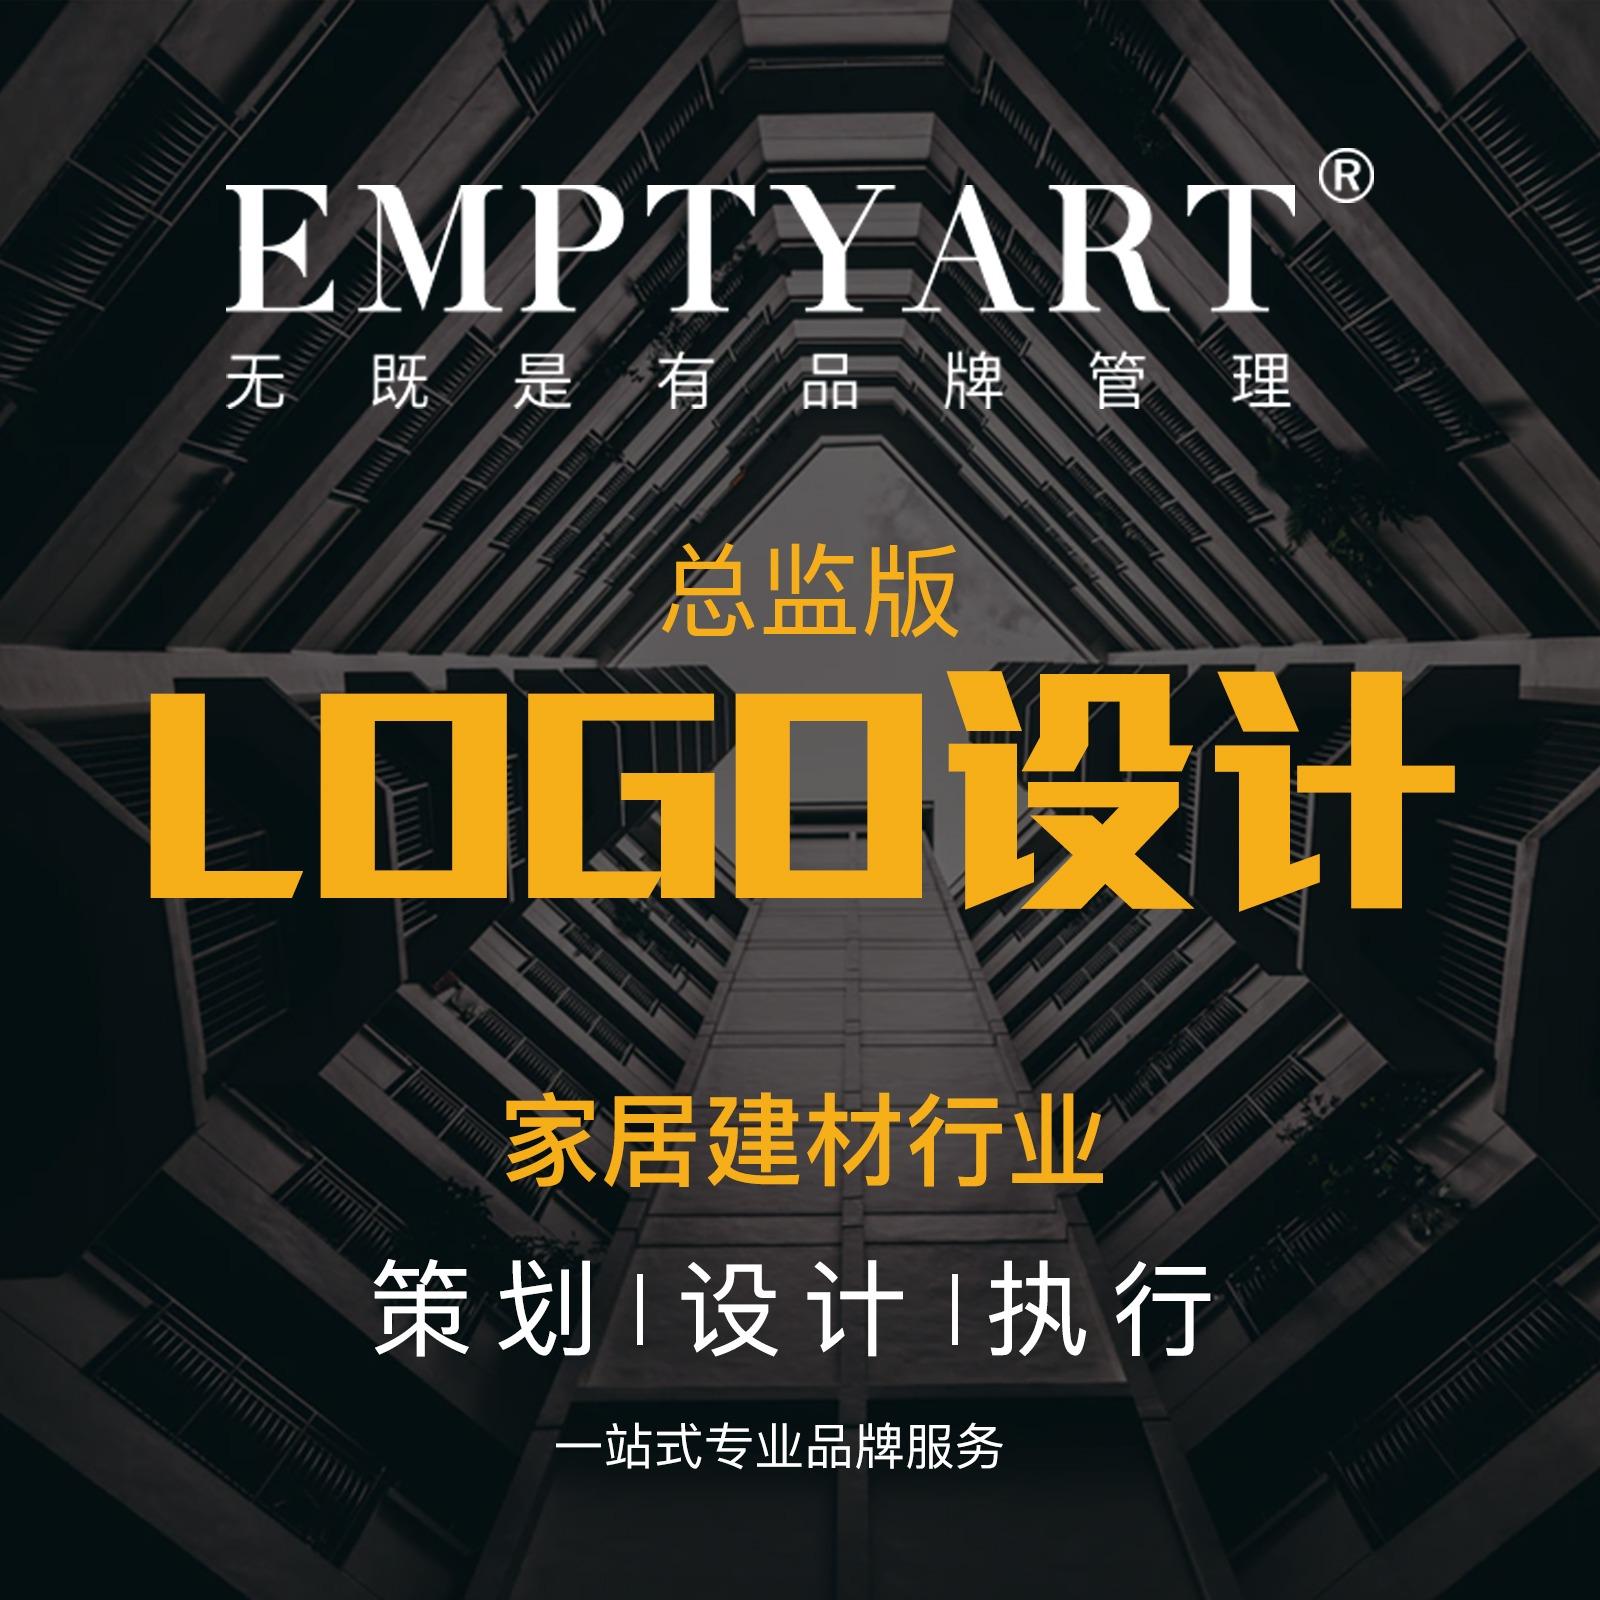 总监版家居建材行业品牌<hl>logo设计</hl>原创标志商标<hl>LOGO</hl>图标